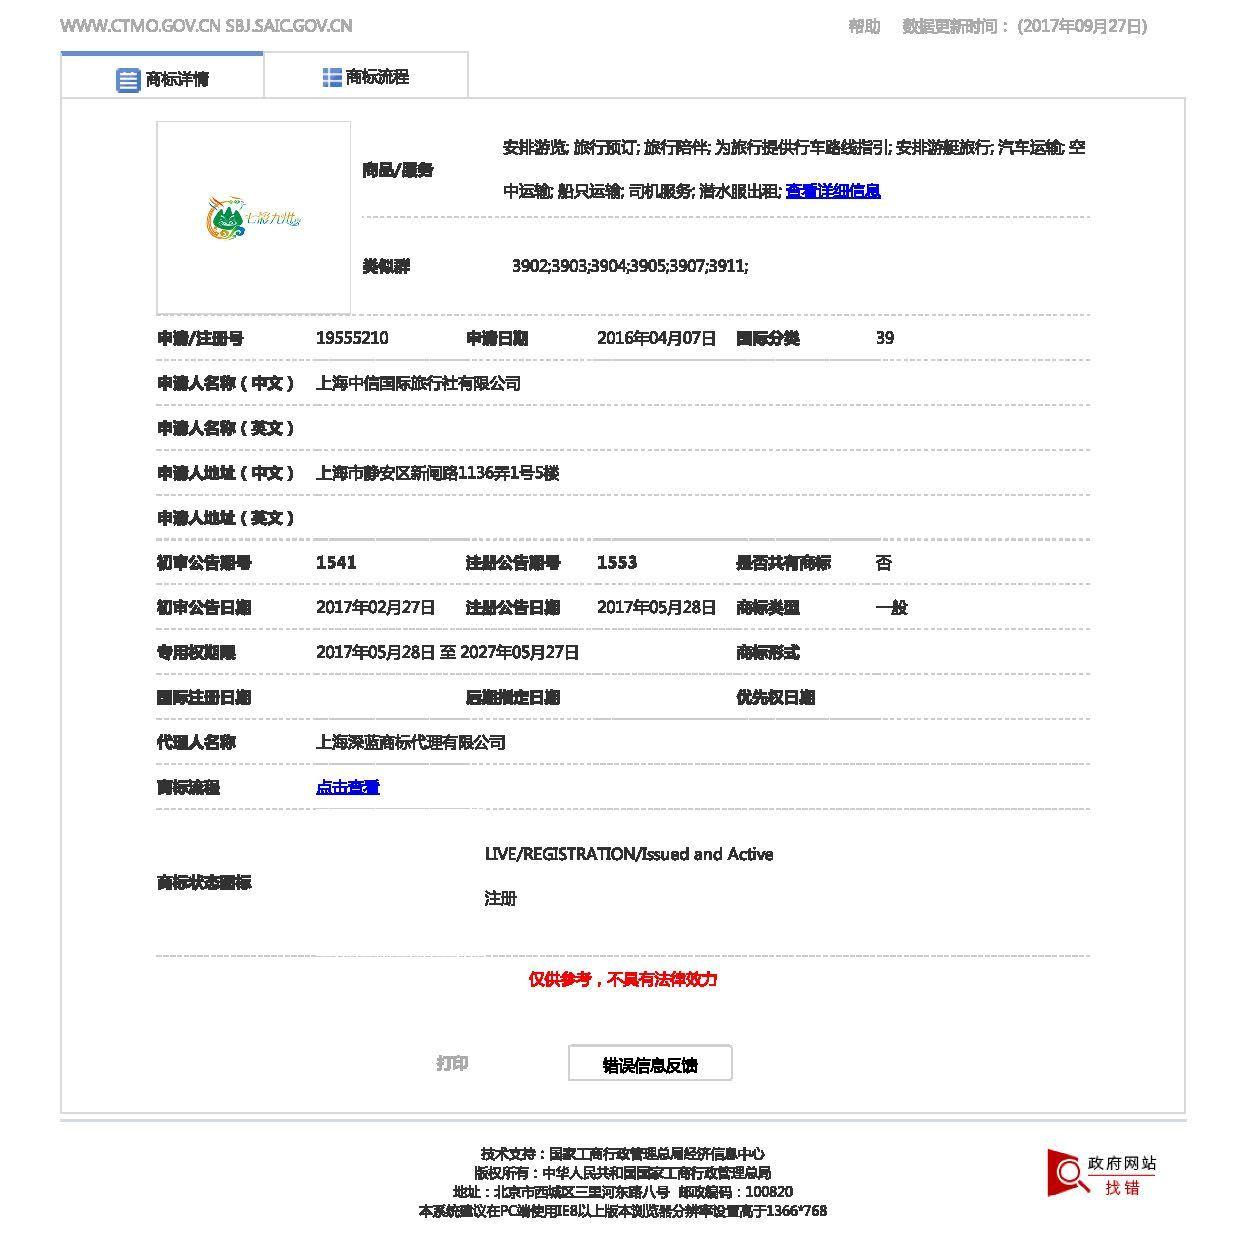 上海旅游商标注册公告第19555210号旅行社商标注册静安公司注册商标